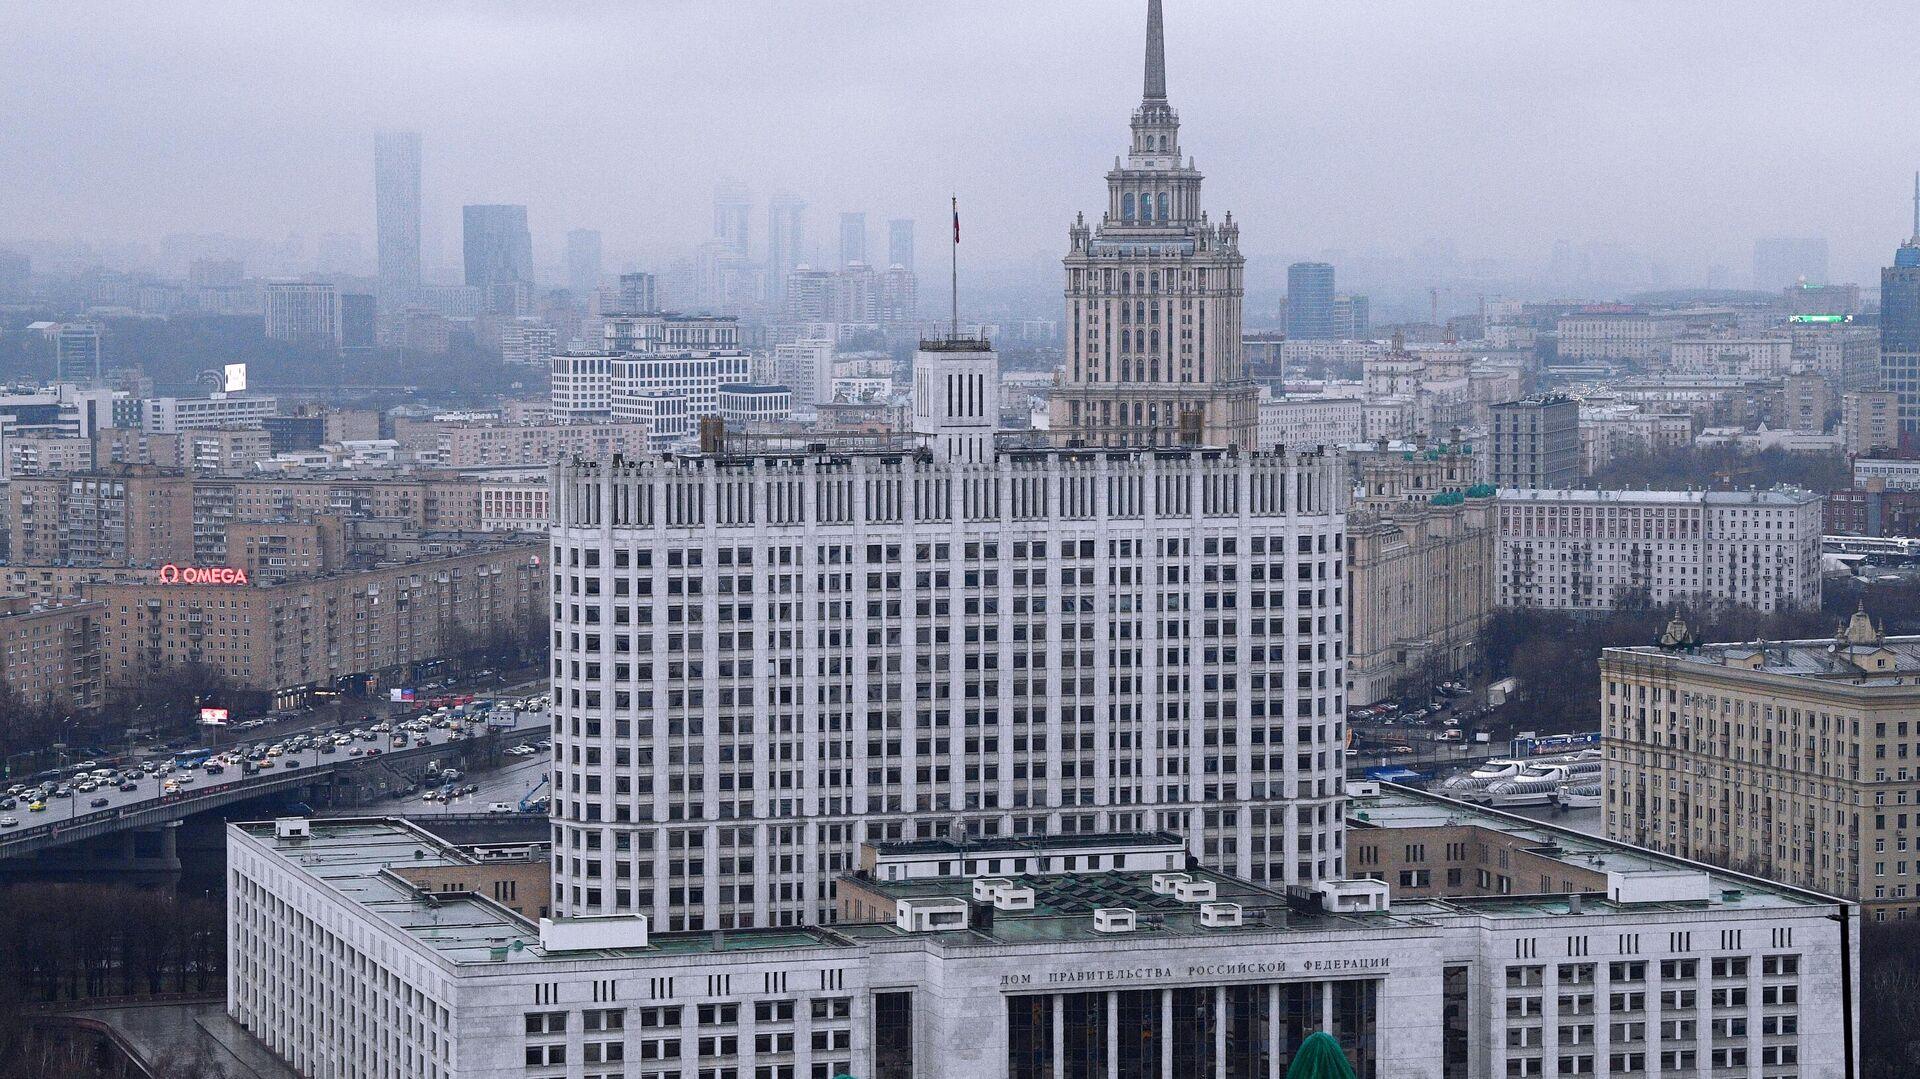 Здание правительства РФ  - РИА Новости, 1920, 16.09.2020